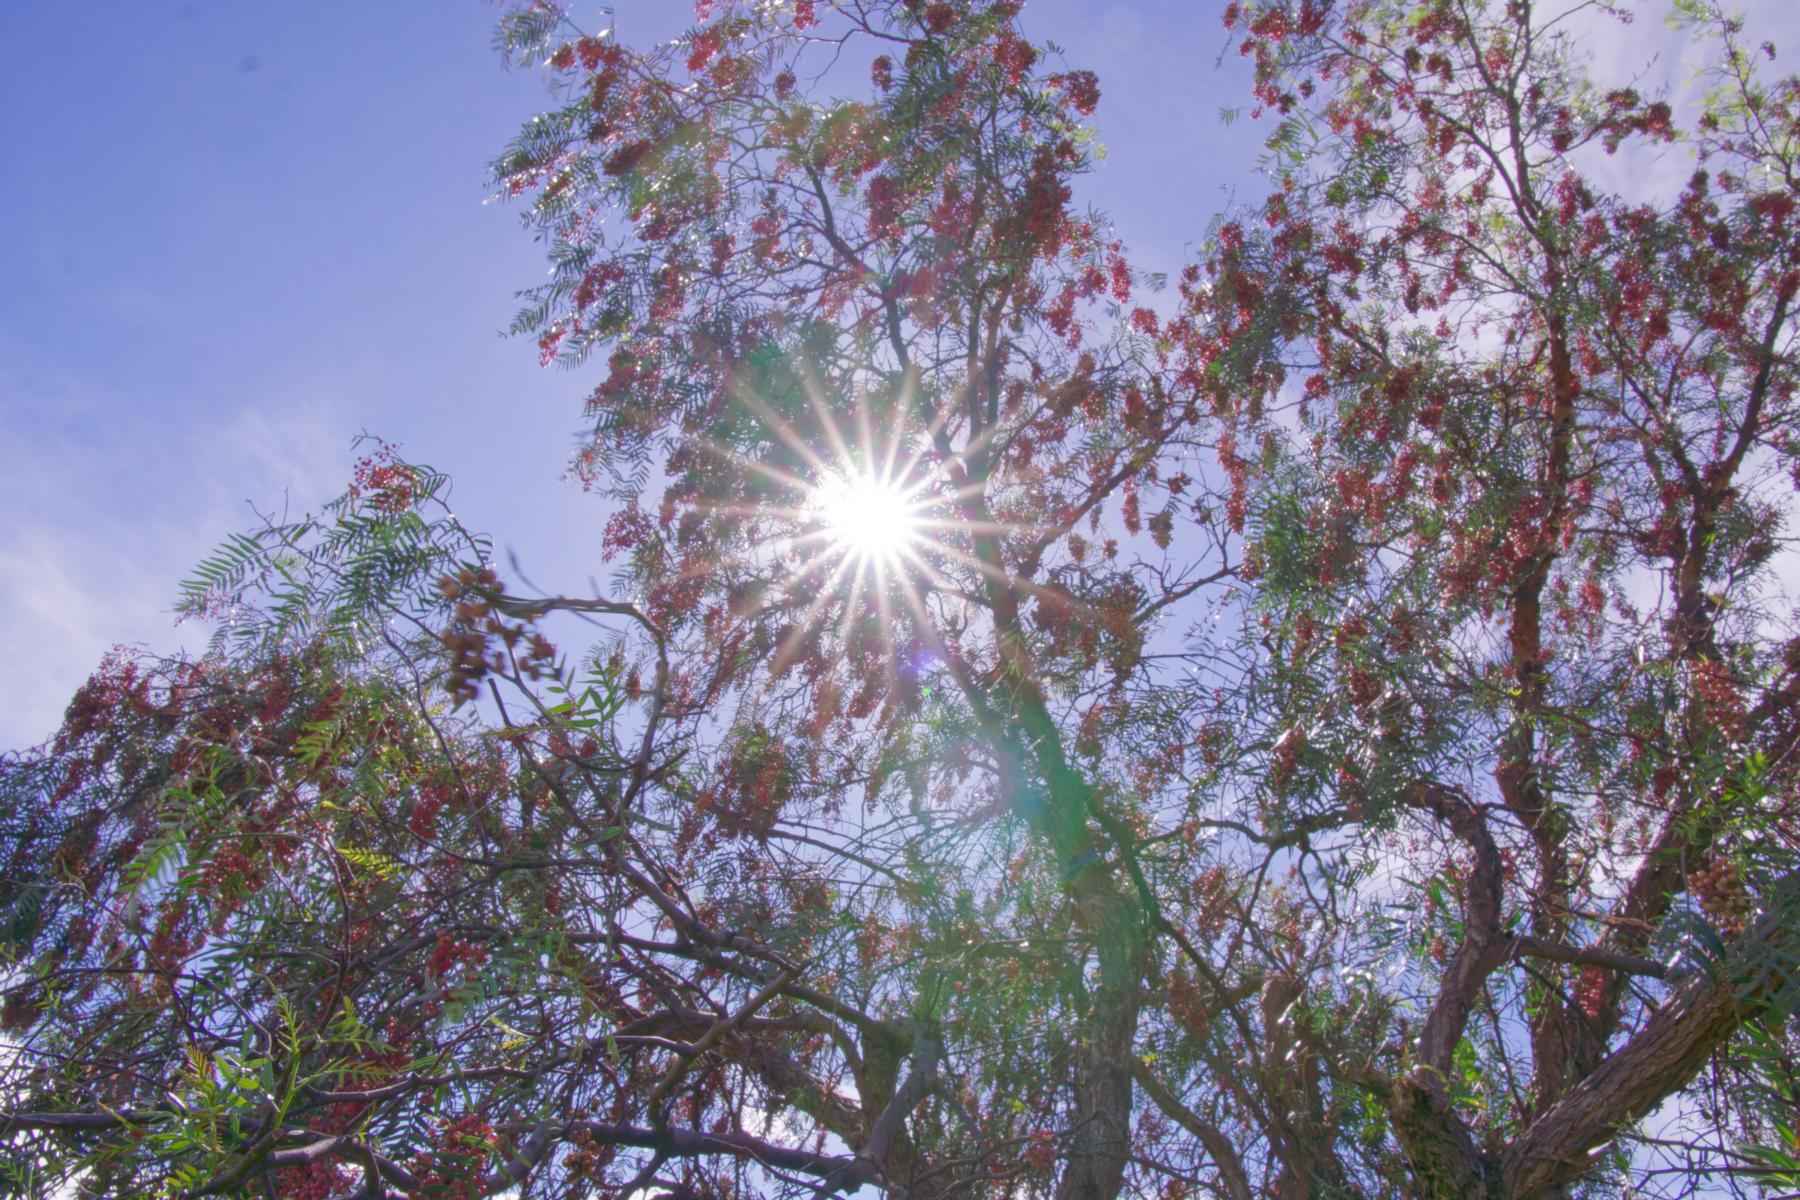 Am Molle Molle Baum wächst der Rote Pfeffer. ACHTUNG: Das nächste Bild zeigt eine Augenverletzung.